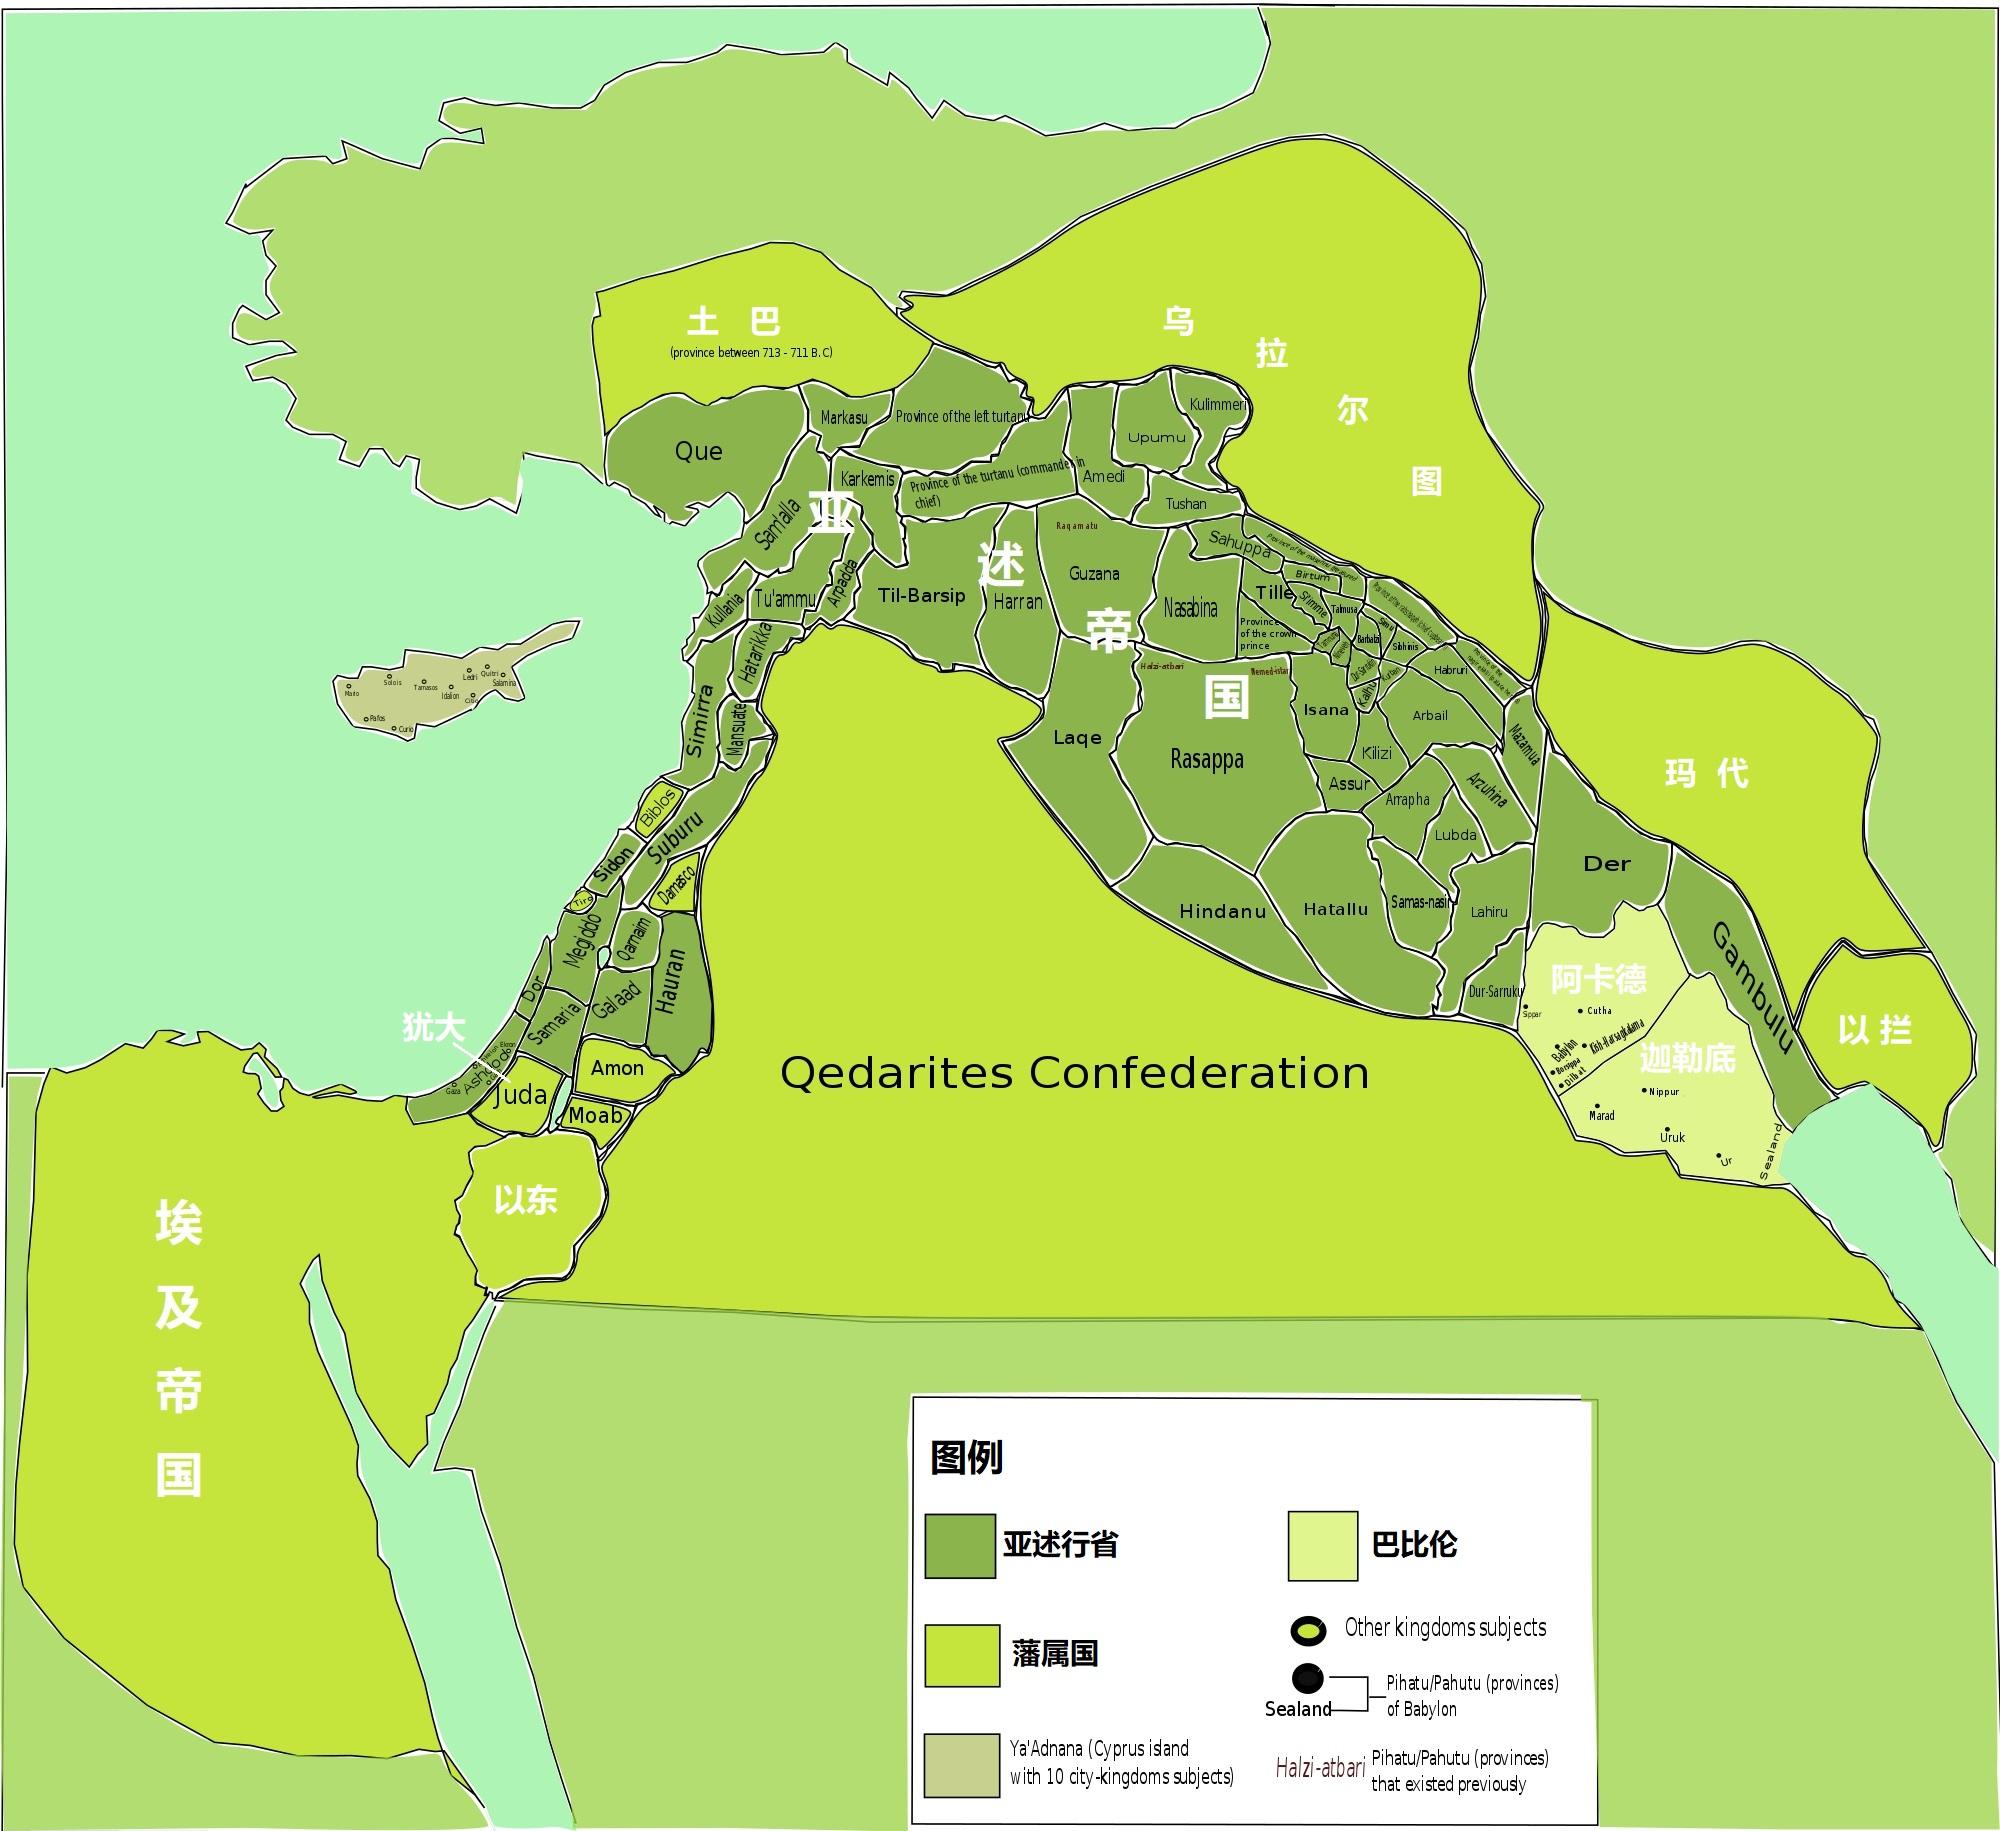 上图:主前627年亚述王亚斯那巴(Ashurbanipal)去世时的亚述帝国,深绿色部分是亚述的行省,绿色部分是亚述的藩属国,迦勒底和阿卡德两个亚述藩属国组成了巴比伦。因此,当主前609-605年先知哈巴谷发预言时,犹大百姓无法相信两千多公里之外的一个东方小国迦勒底会成为神管教他们的工具。